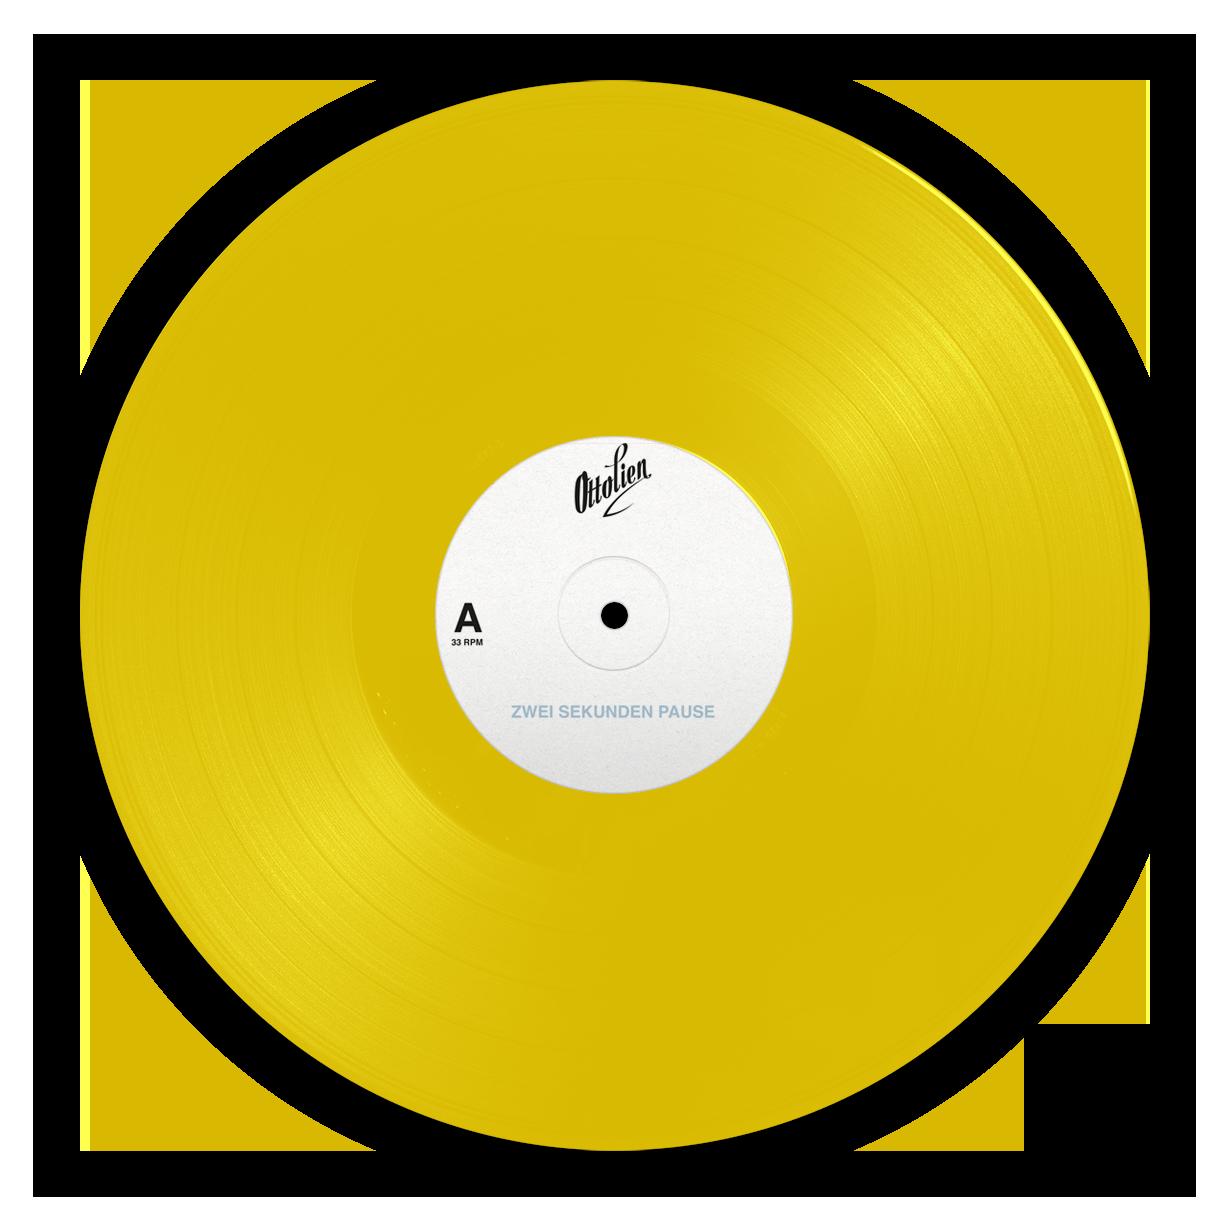 Ottolien-Vinyl-2SP